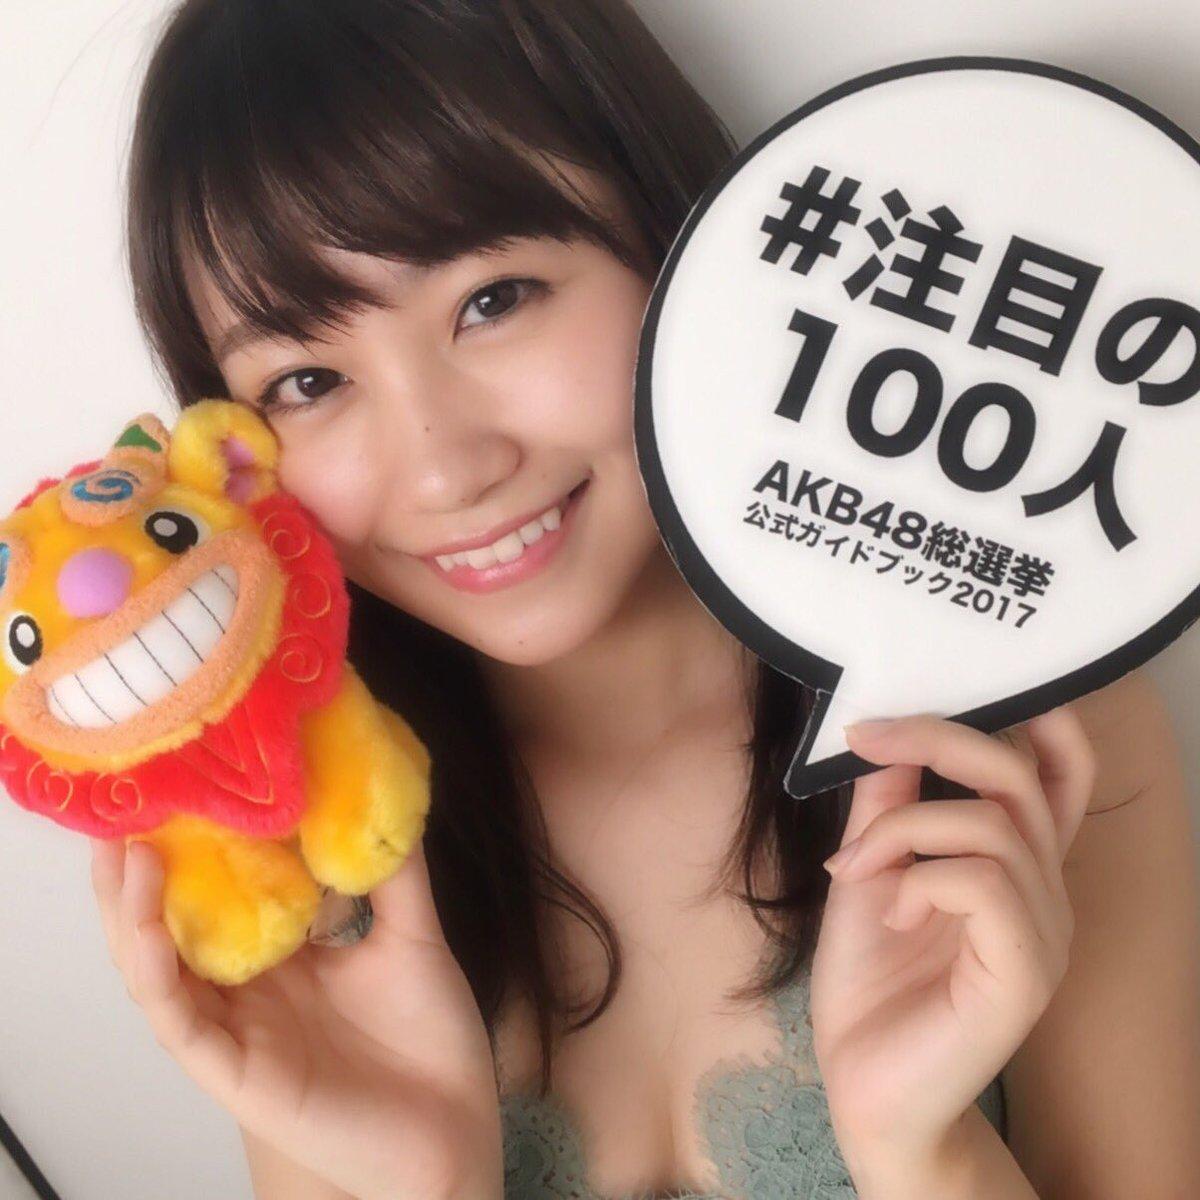 総選挙公式ガイドブック2017『注目の100人』の撮影でおっぱい谷間が見える服を着た小嶋真子